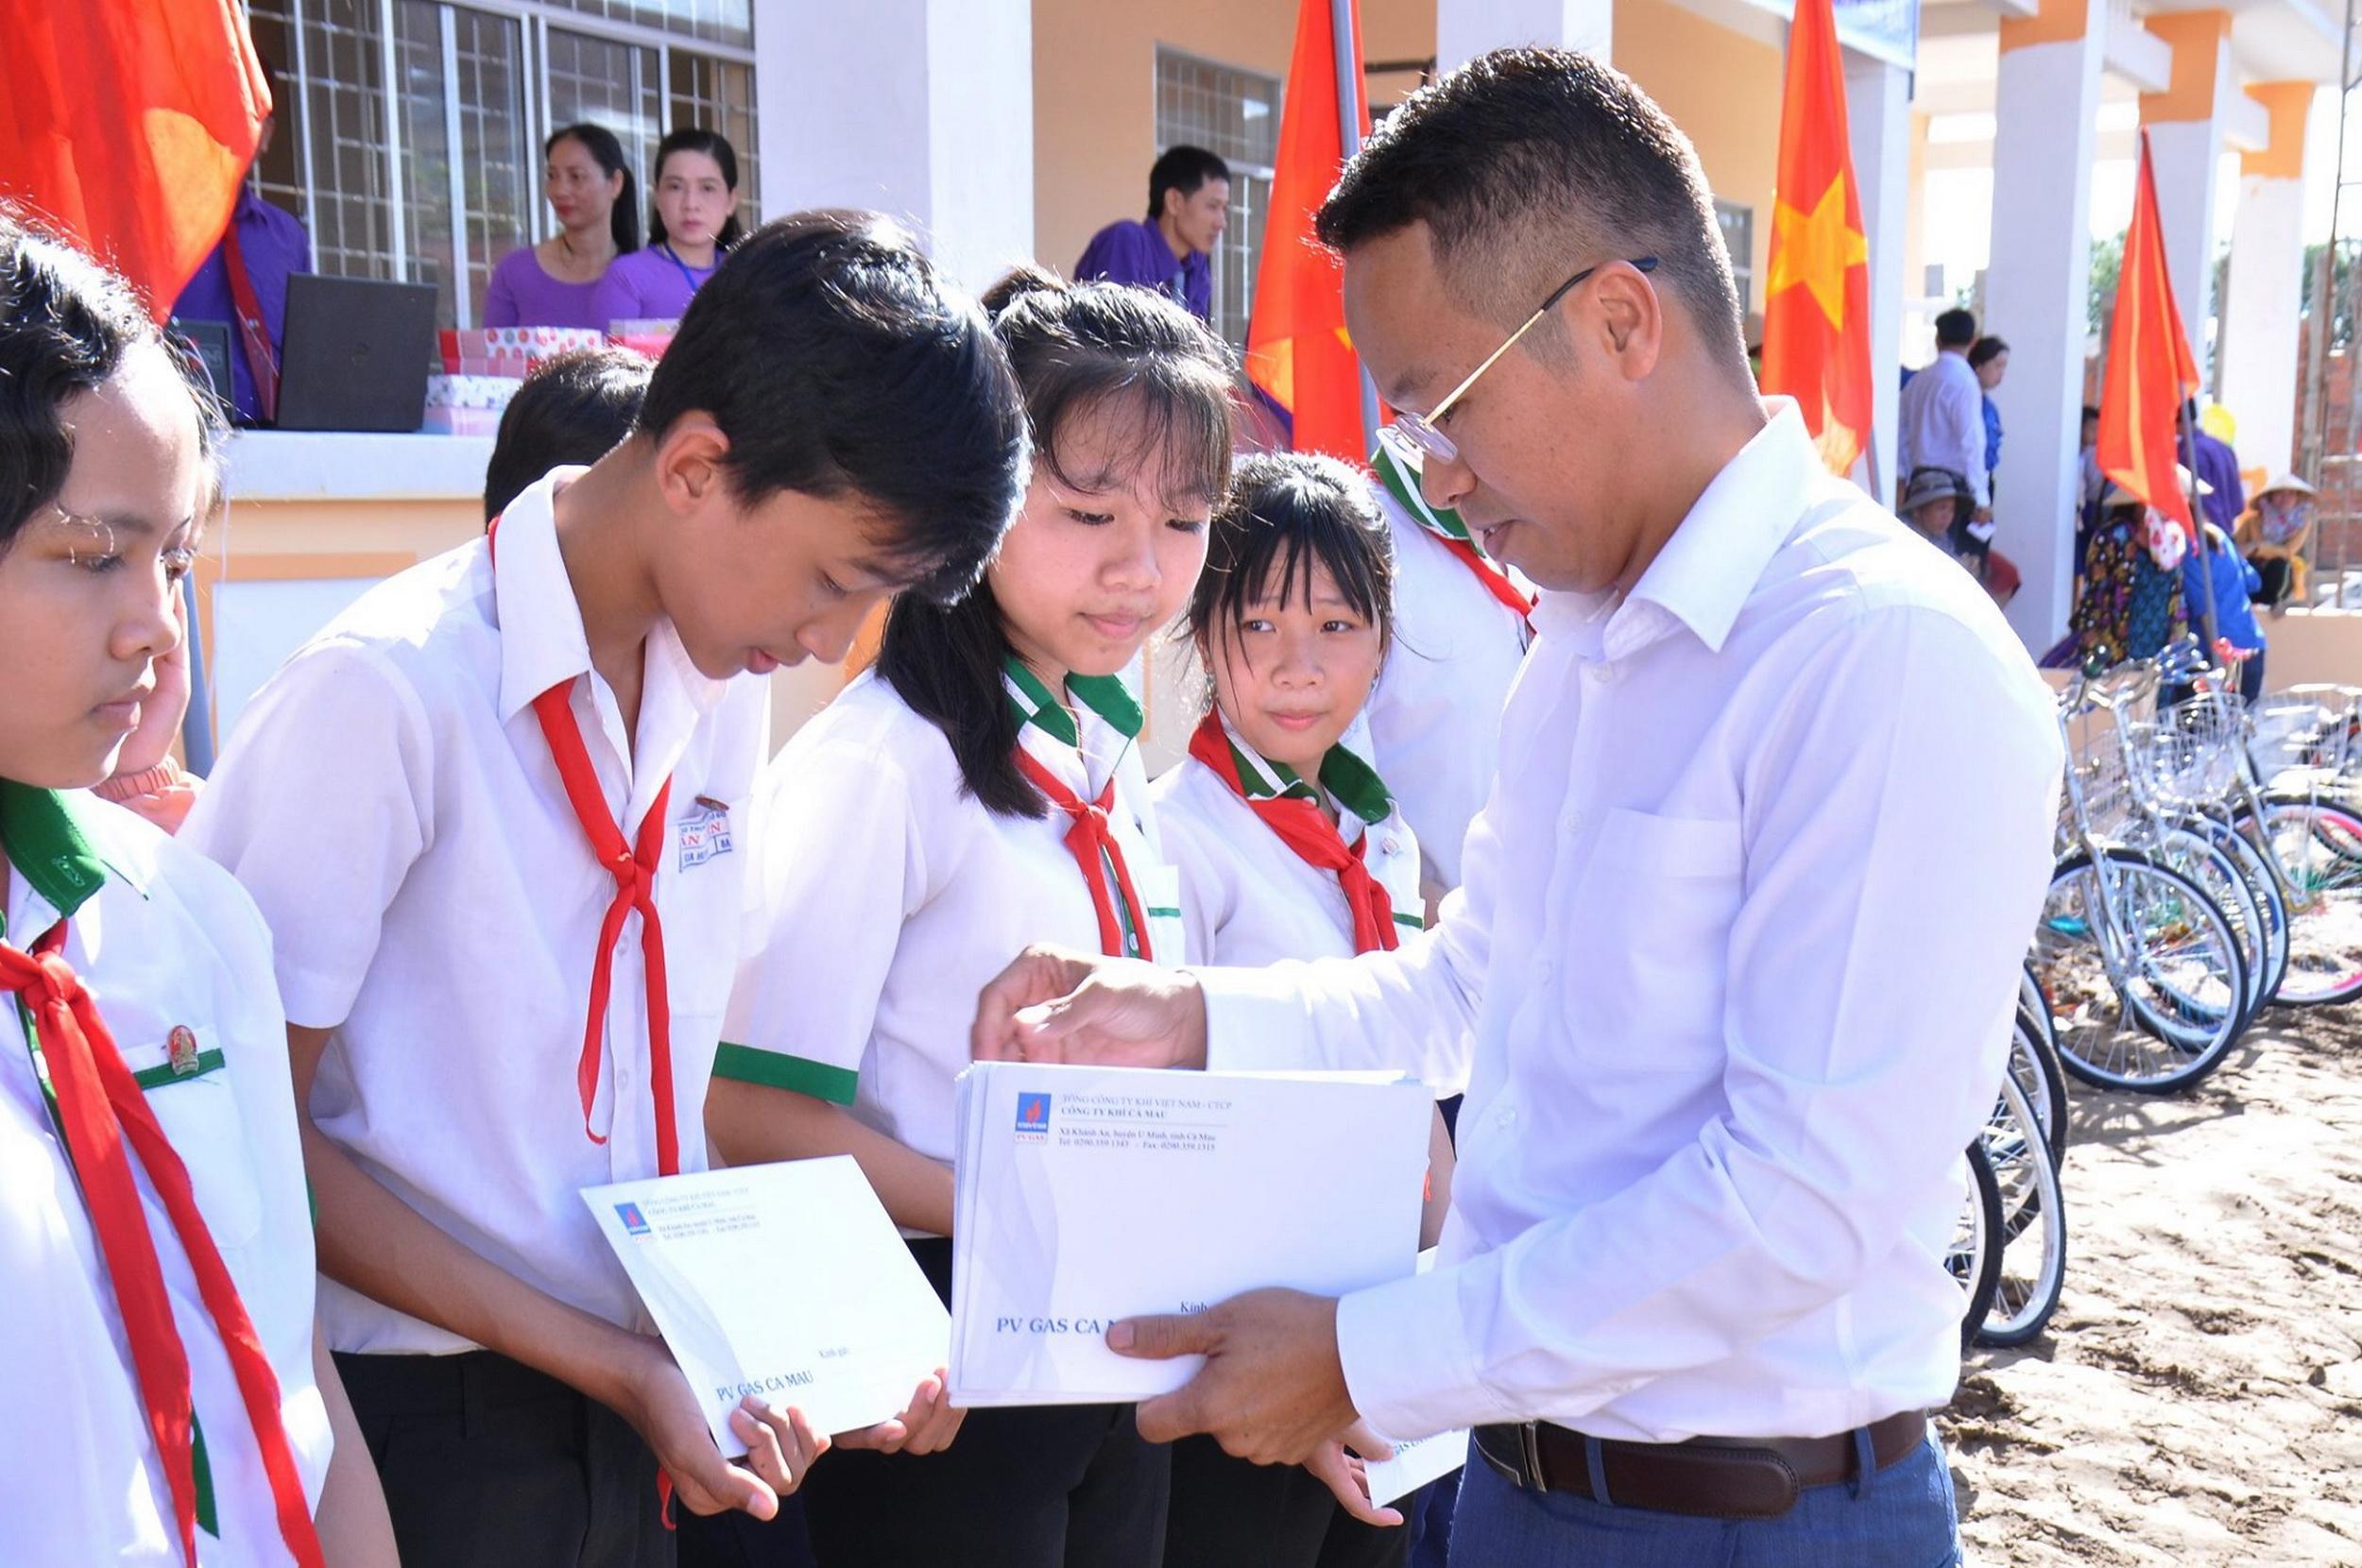 Đồng chí Nguyễn Văn Bé Ba, Giám đốc KCM trao học bổng cho các học sinh vượt khó học tốt